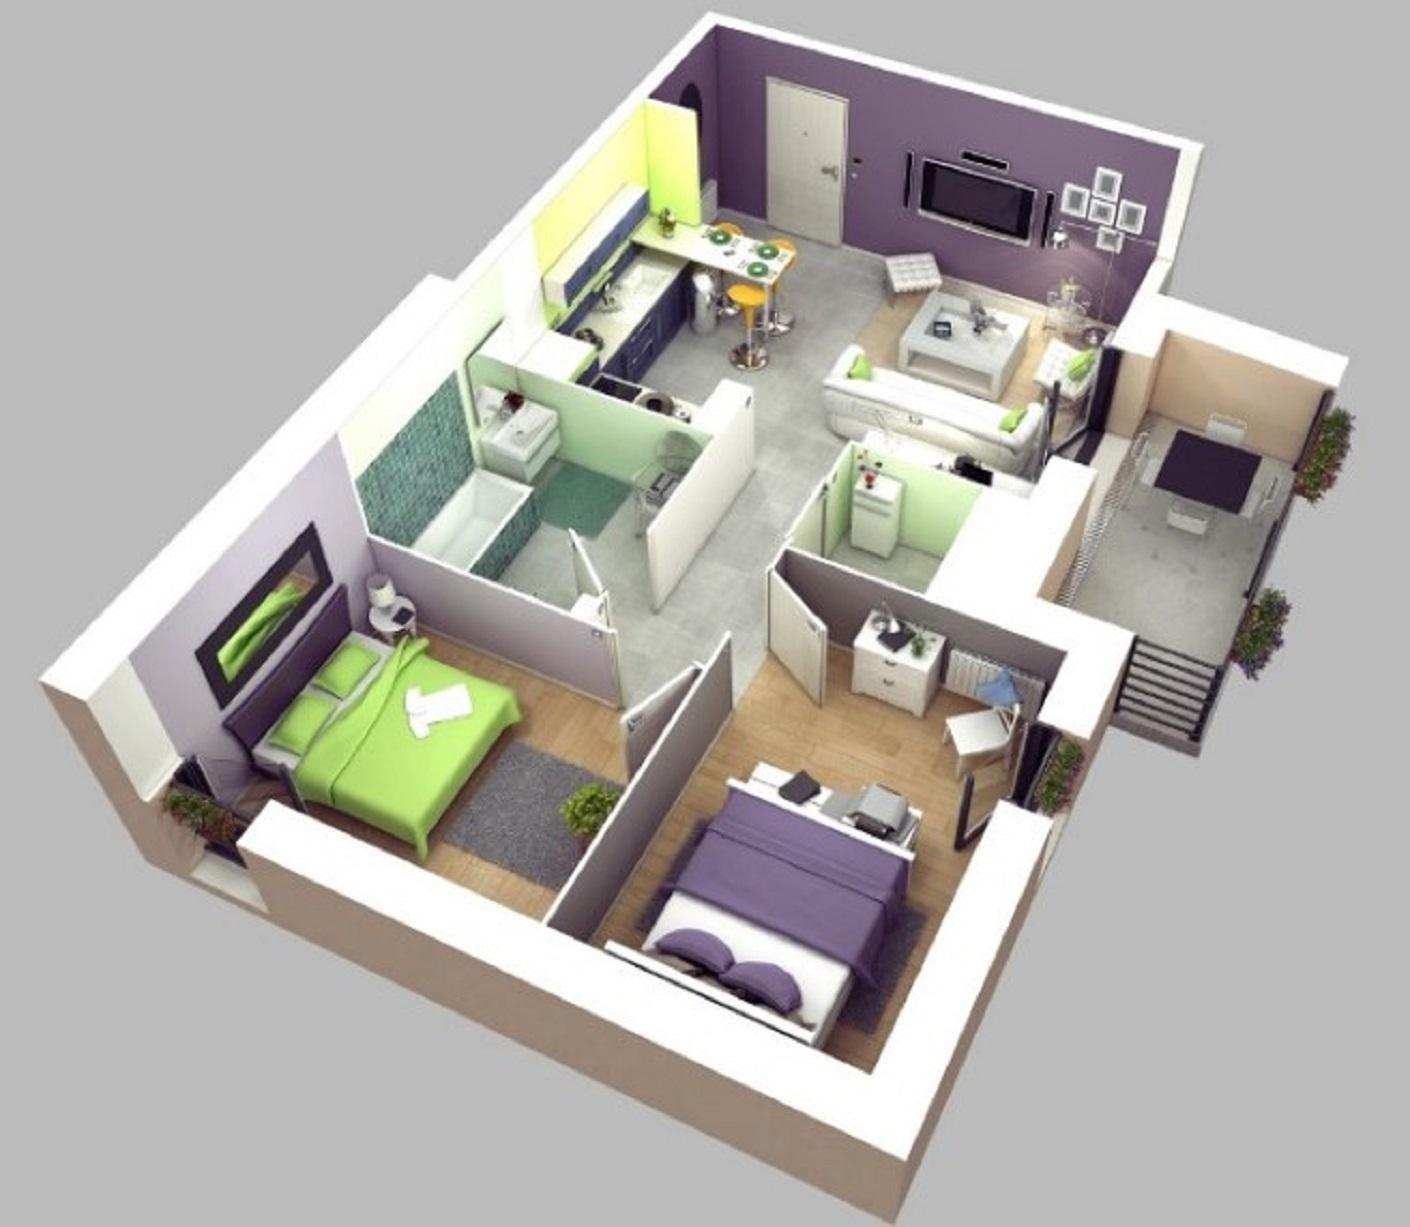 51 Gambar Rumah Sederhana 3 Kamar Gratis Terbaik